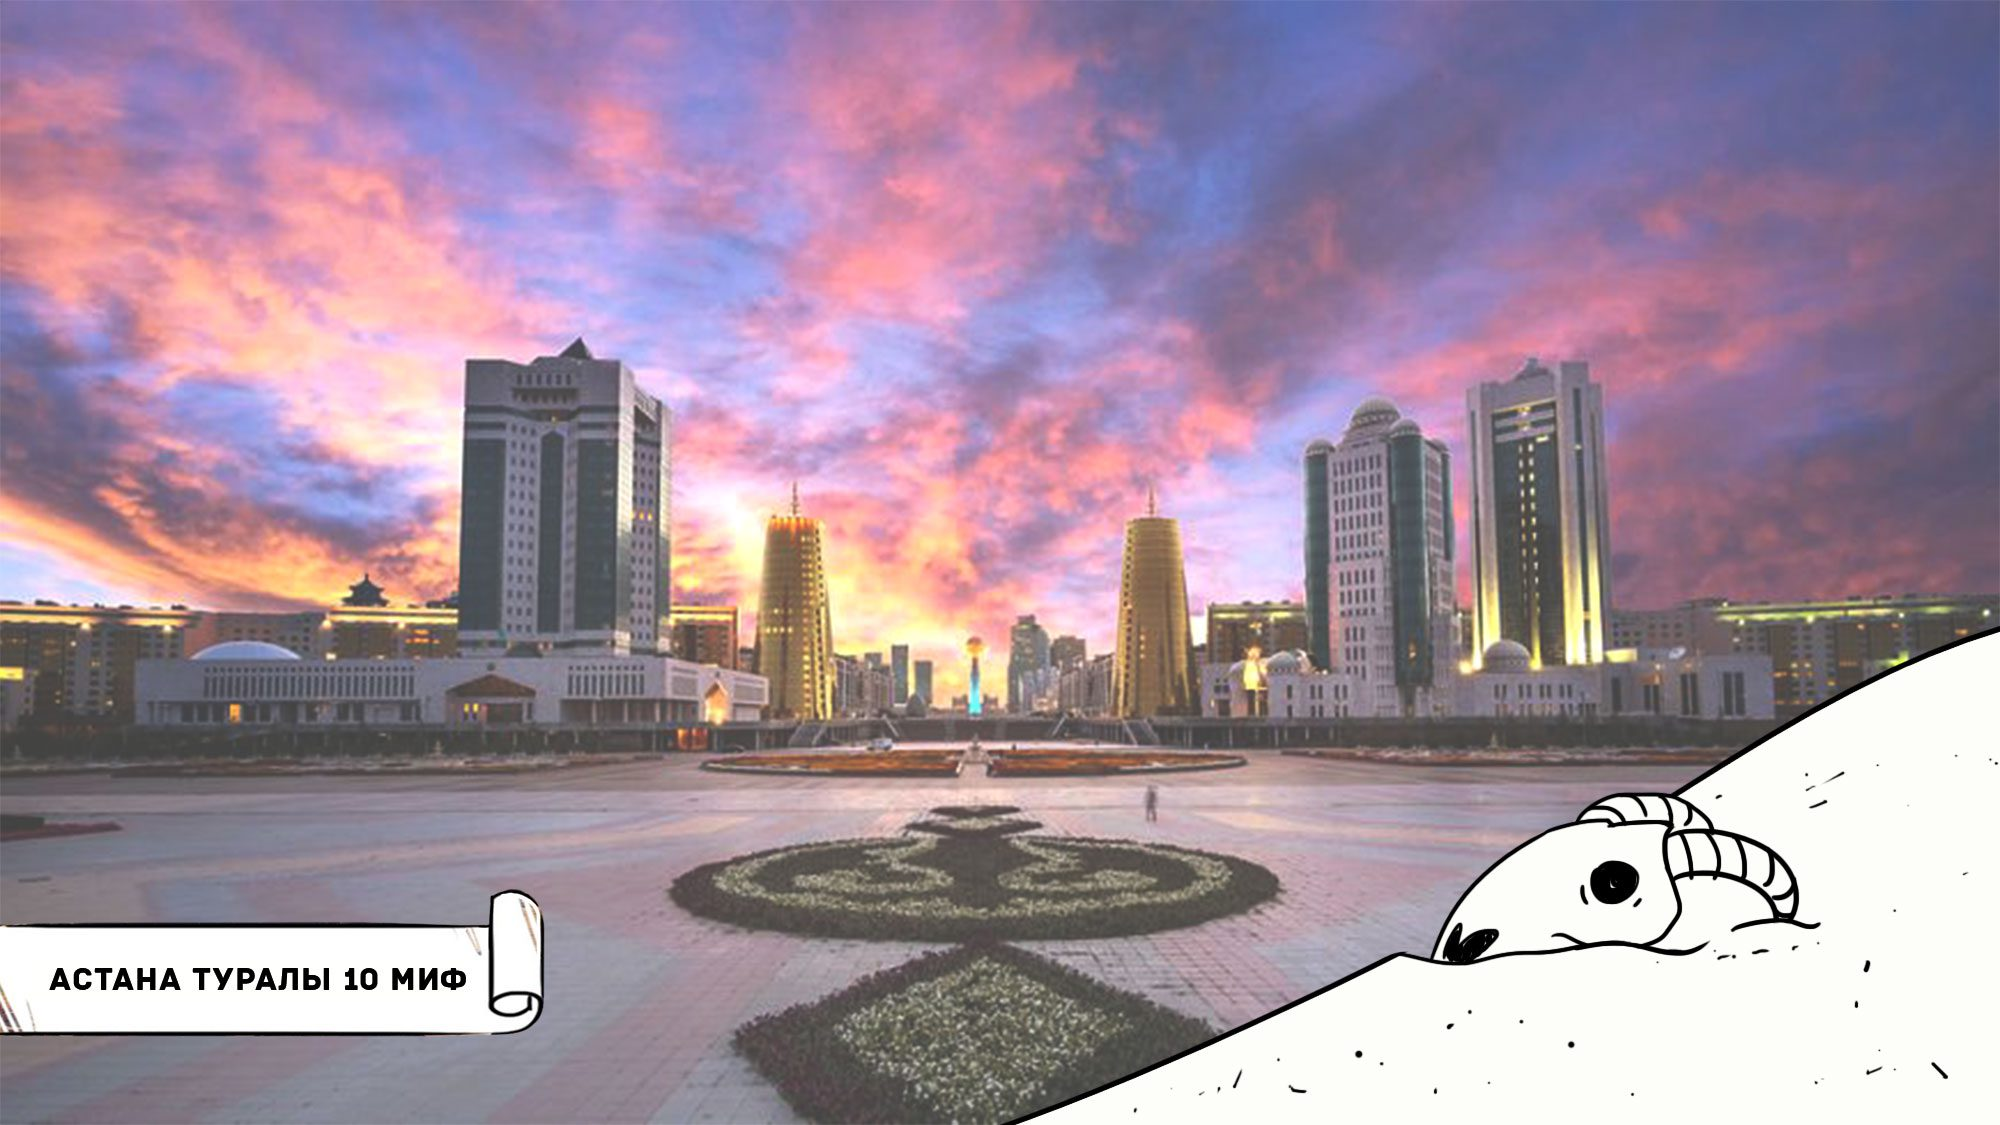 Астана - Сахара